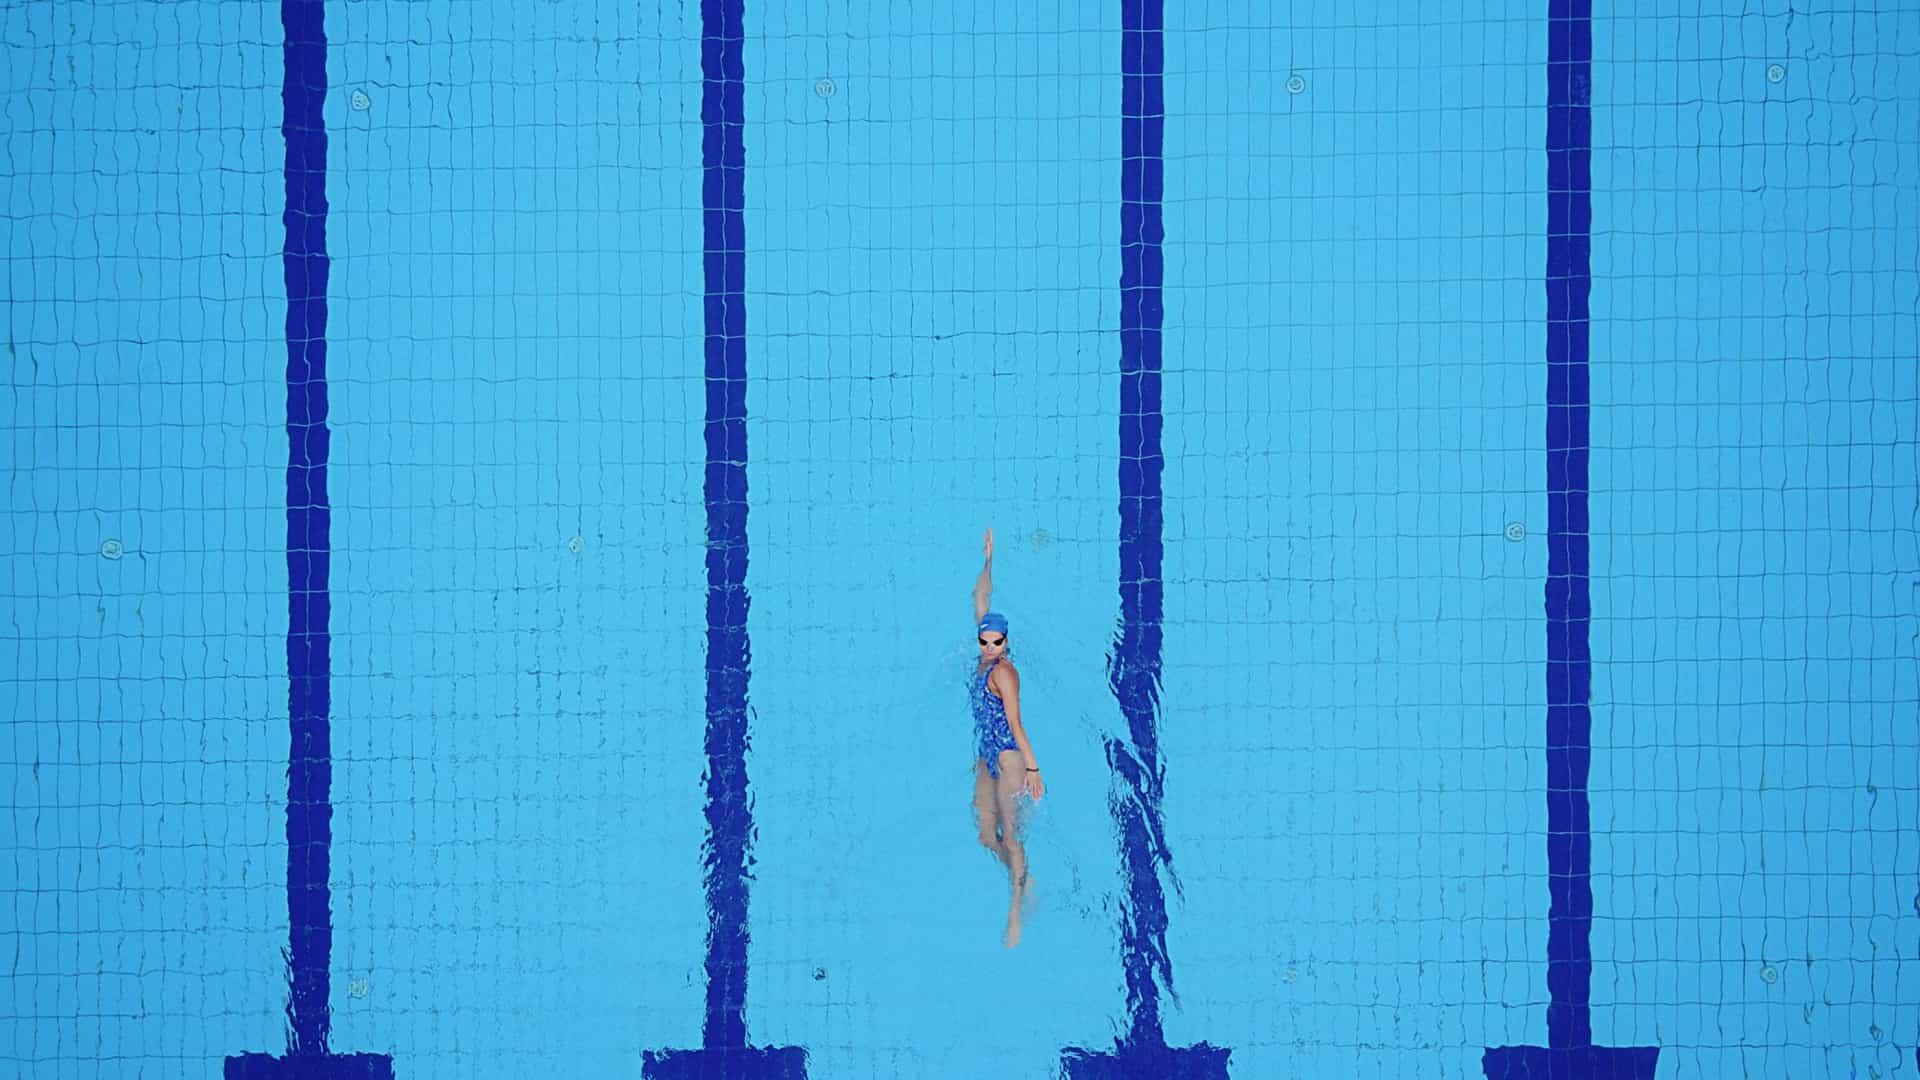 Feira prepara piscina e pista de atletismo com dimensões olímpicas